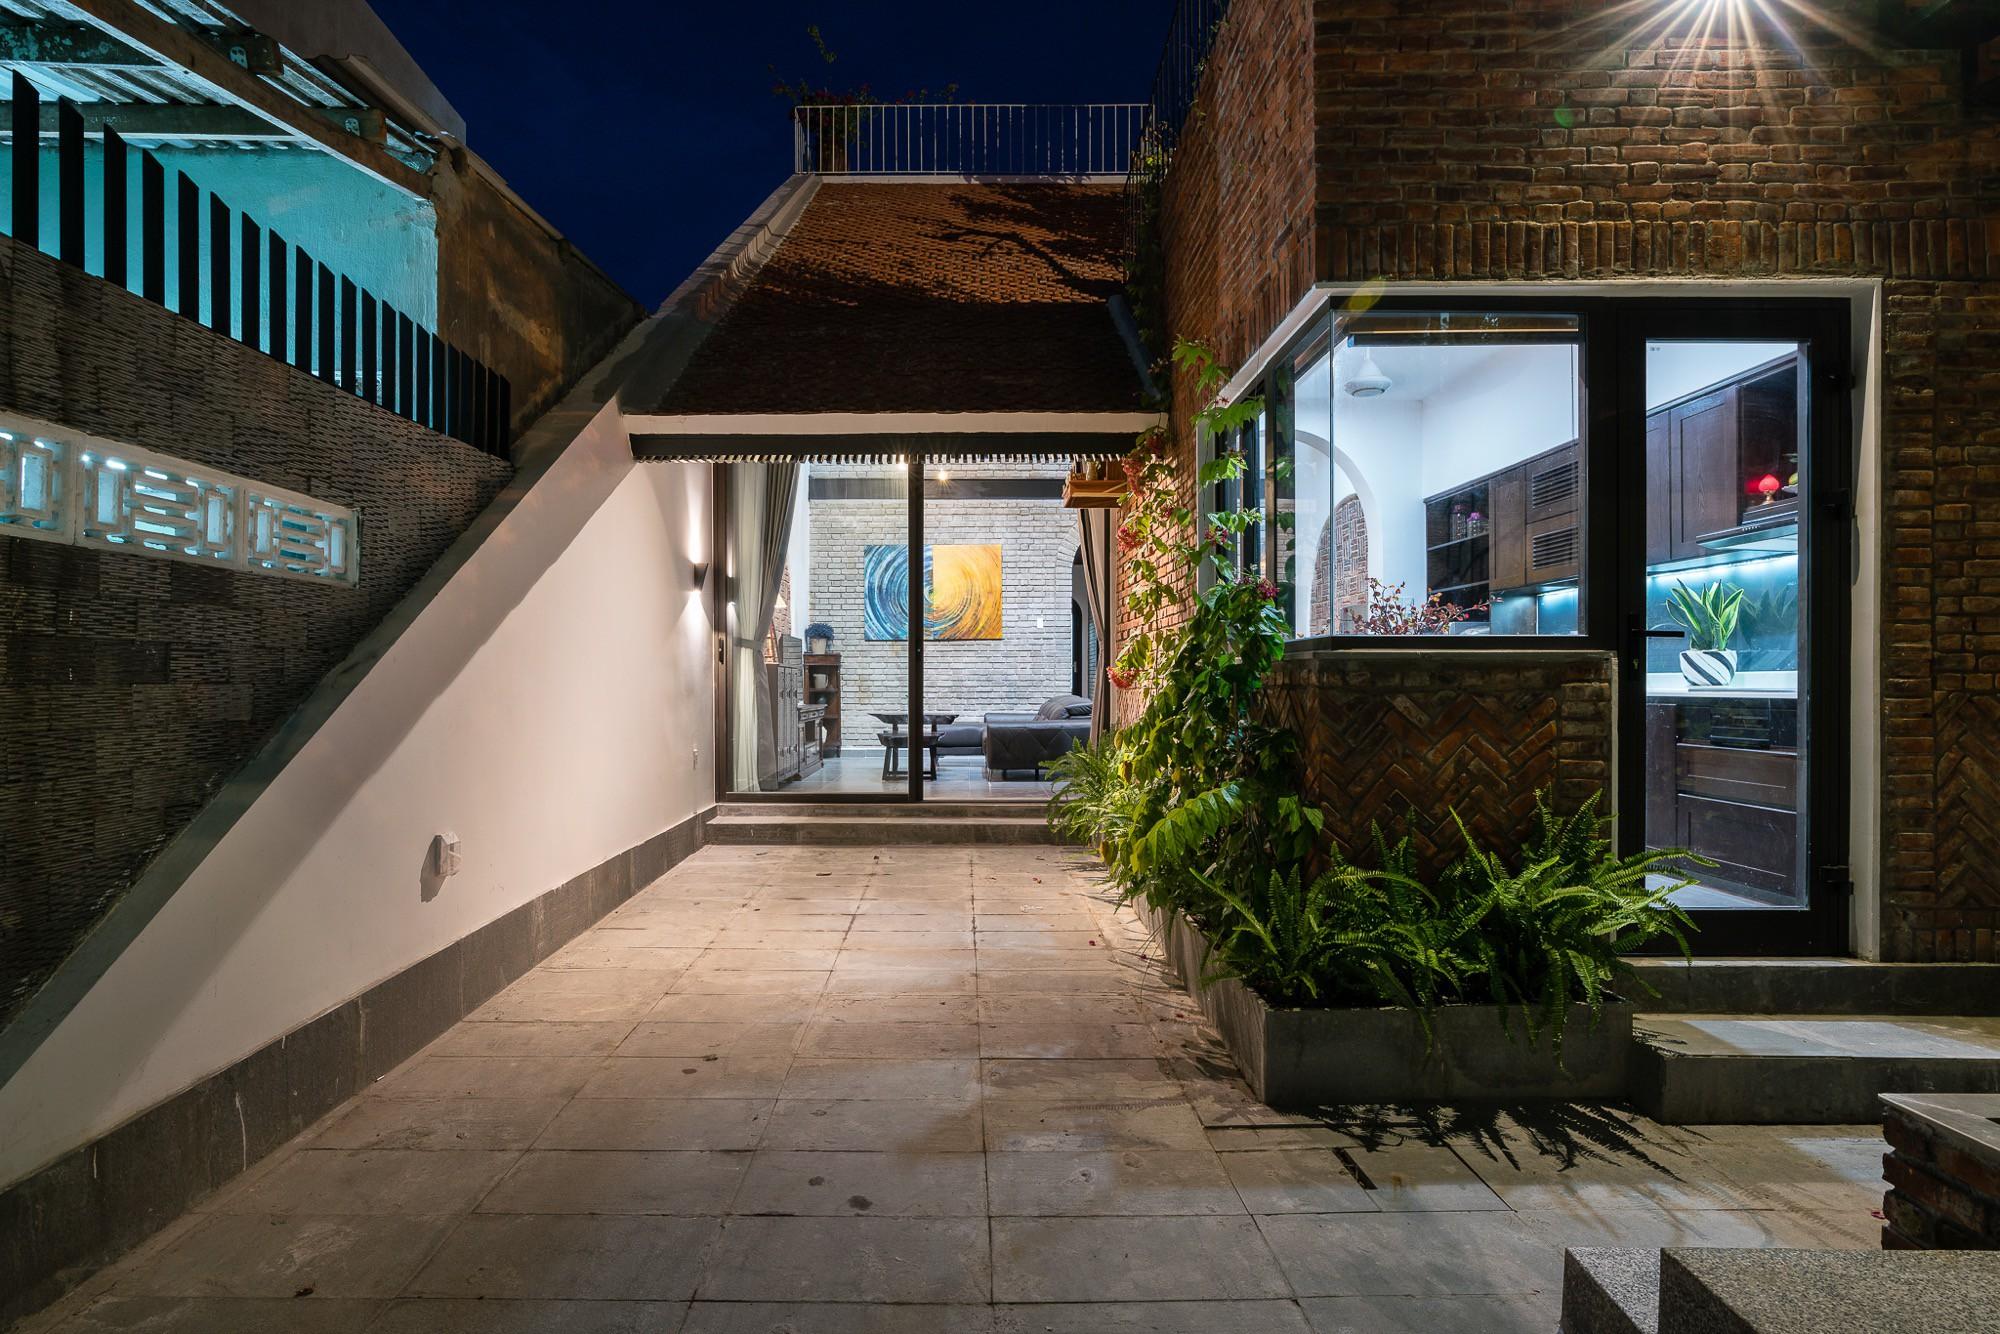 Ngôi nhà gạch 2 tầng của cặp vợ chồng già ở Đà Nẵng được tạp chí Mỹ xuýt xoa khen ngợi - Ảnh 3.